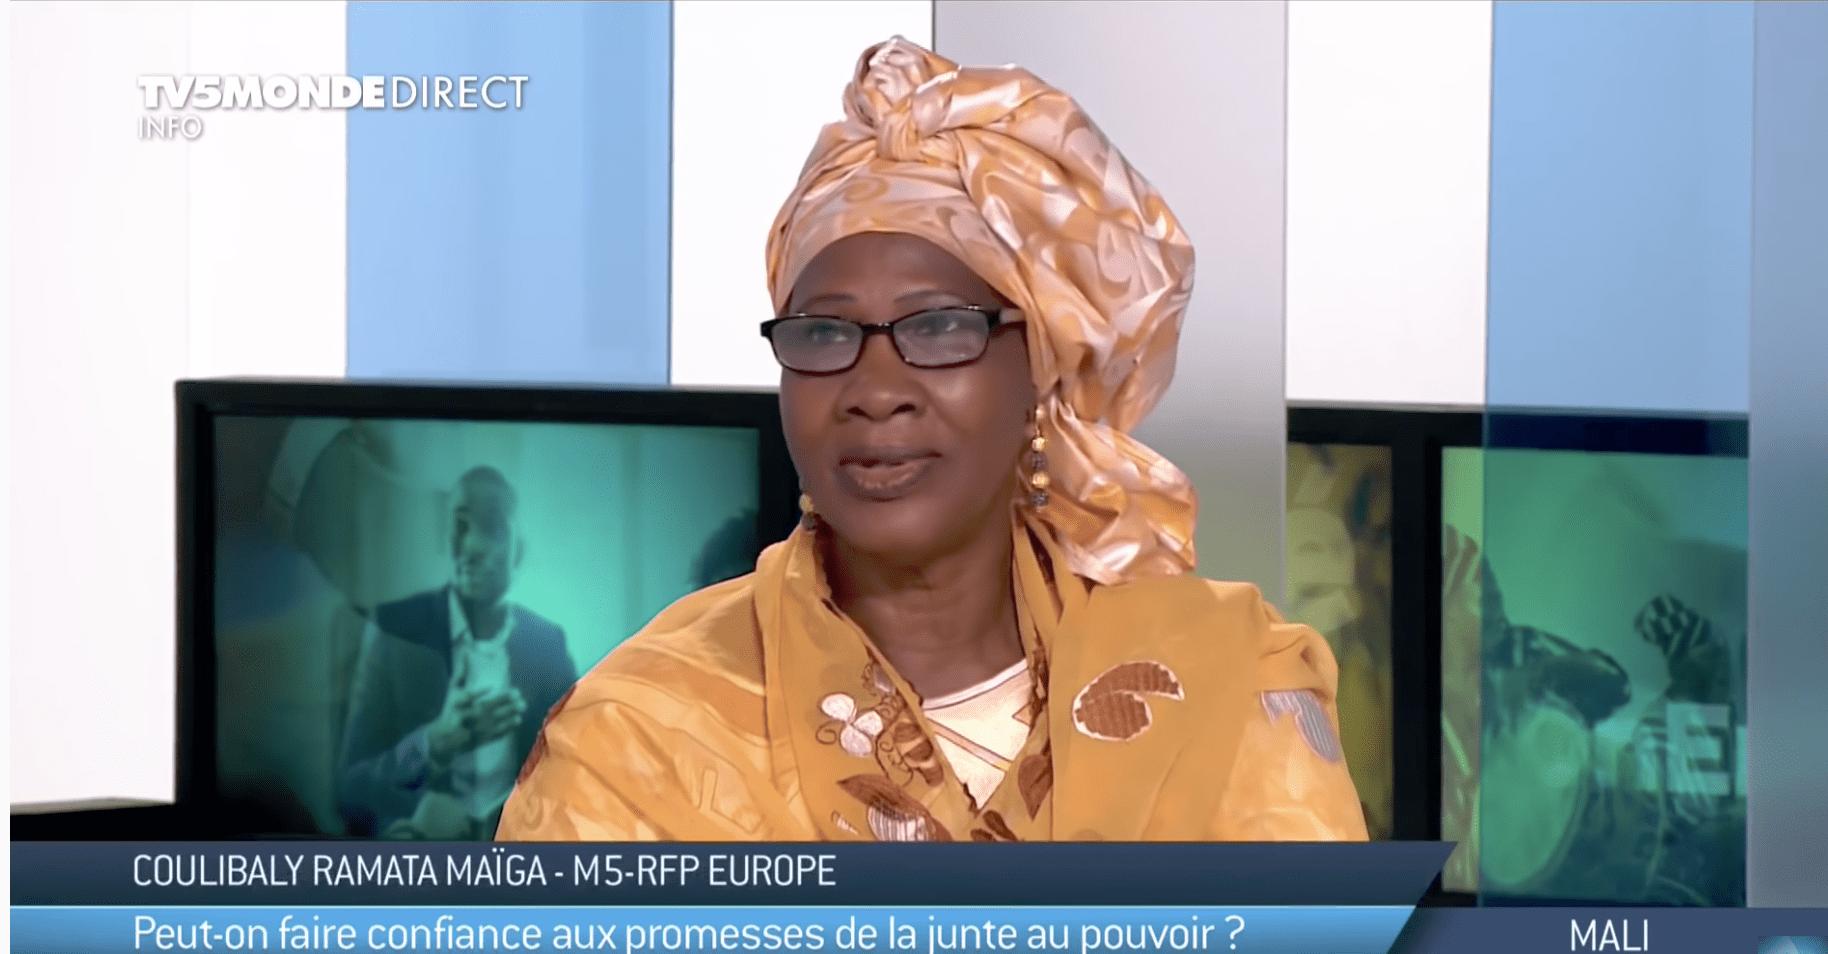 Mali – Faire confiance à la junte militaire ? (video)